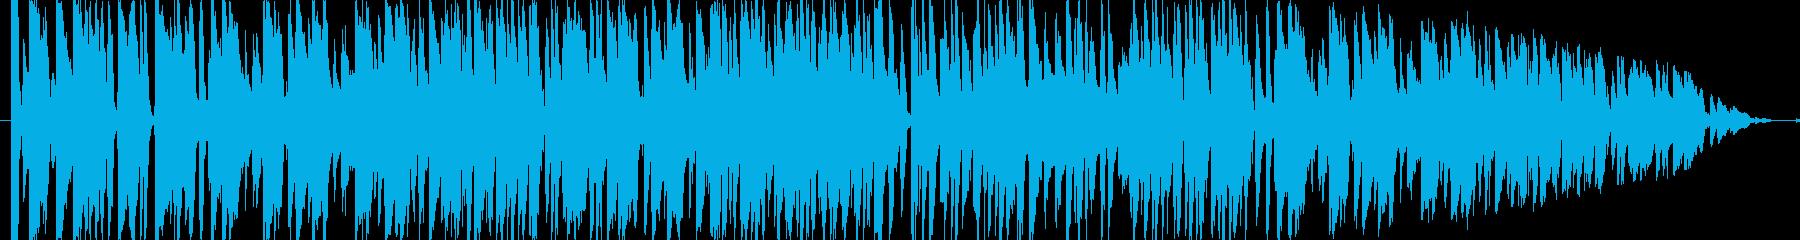 おしゃれで明るいジャズ曲の再生済みの波形